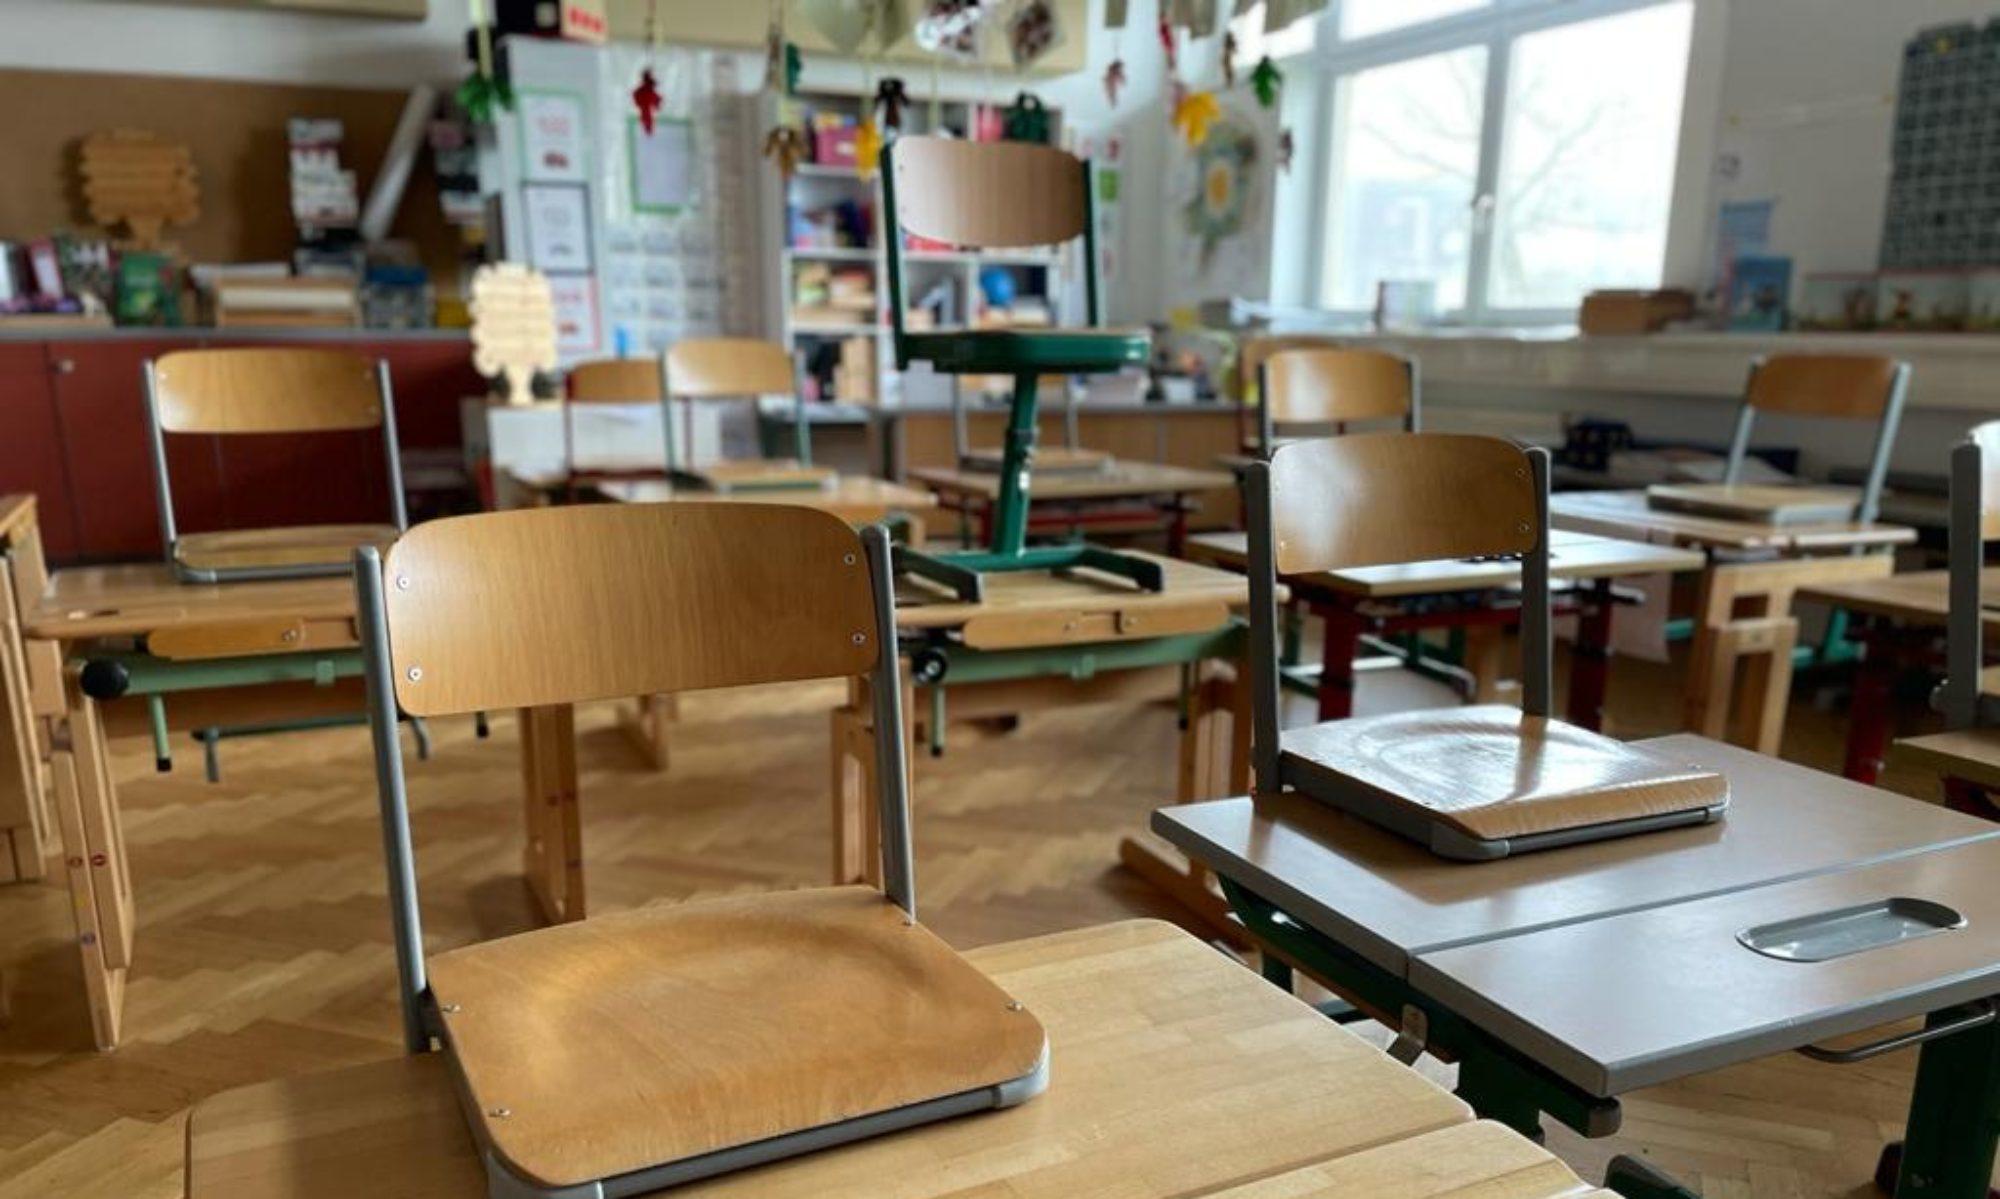 VS Rassach- eingeschränkter Schulbetrieb laut Stundenplan!